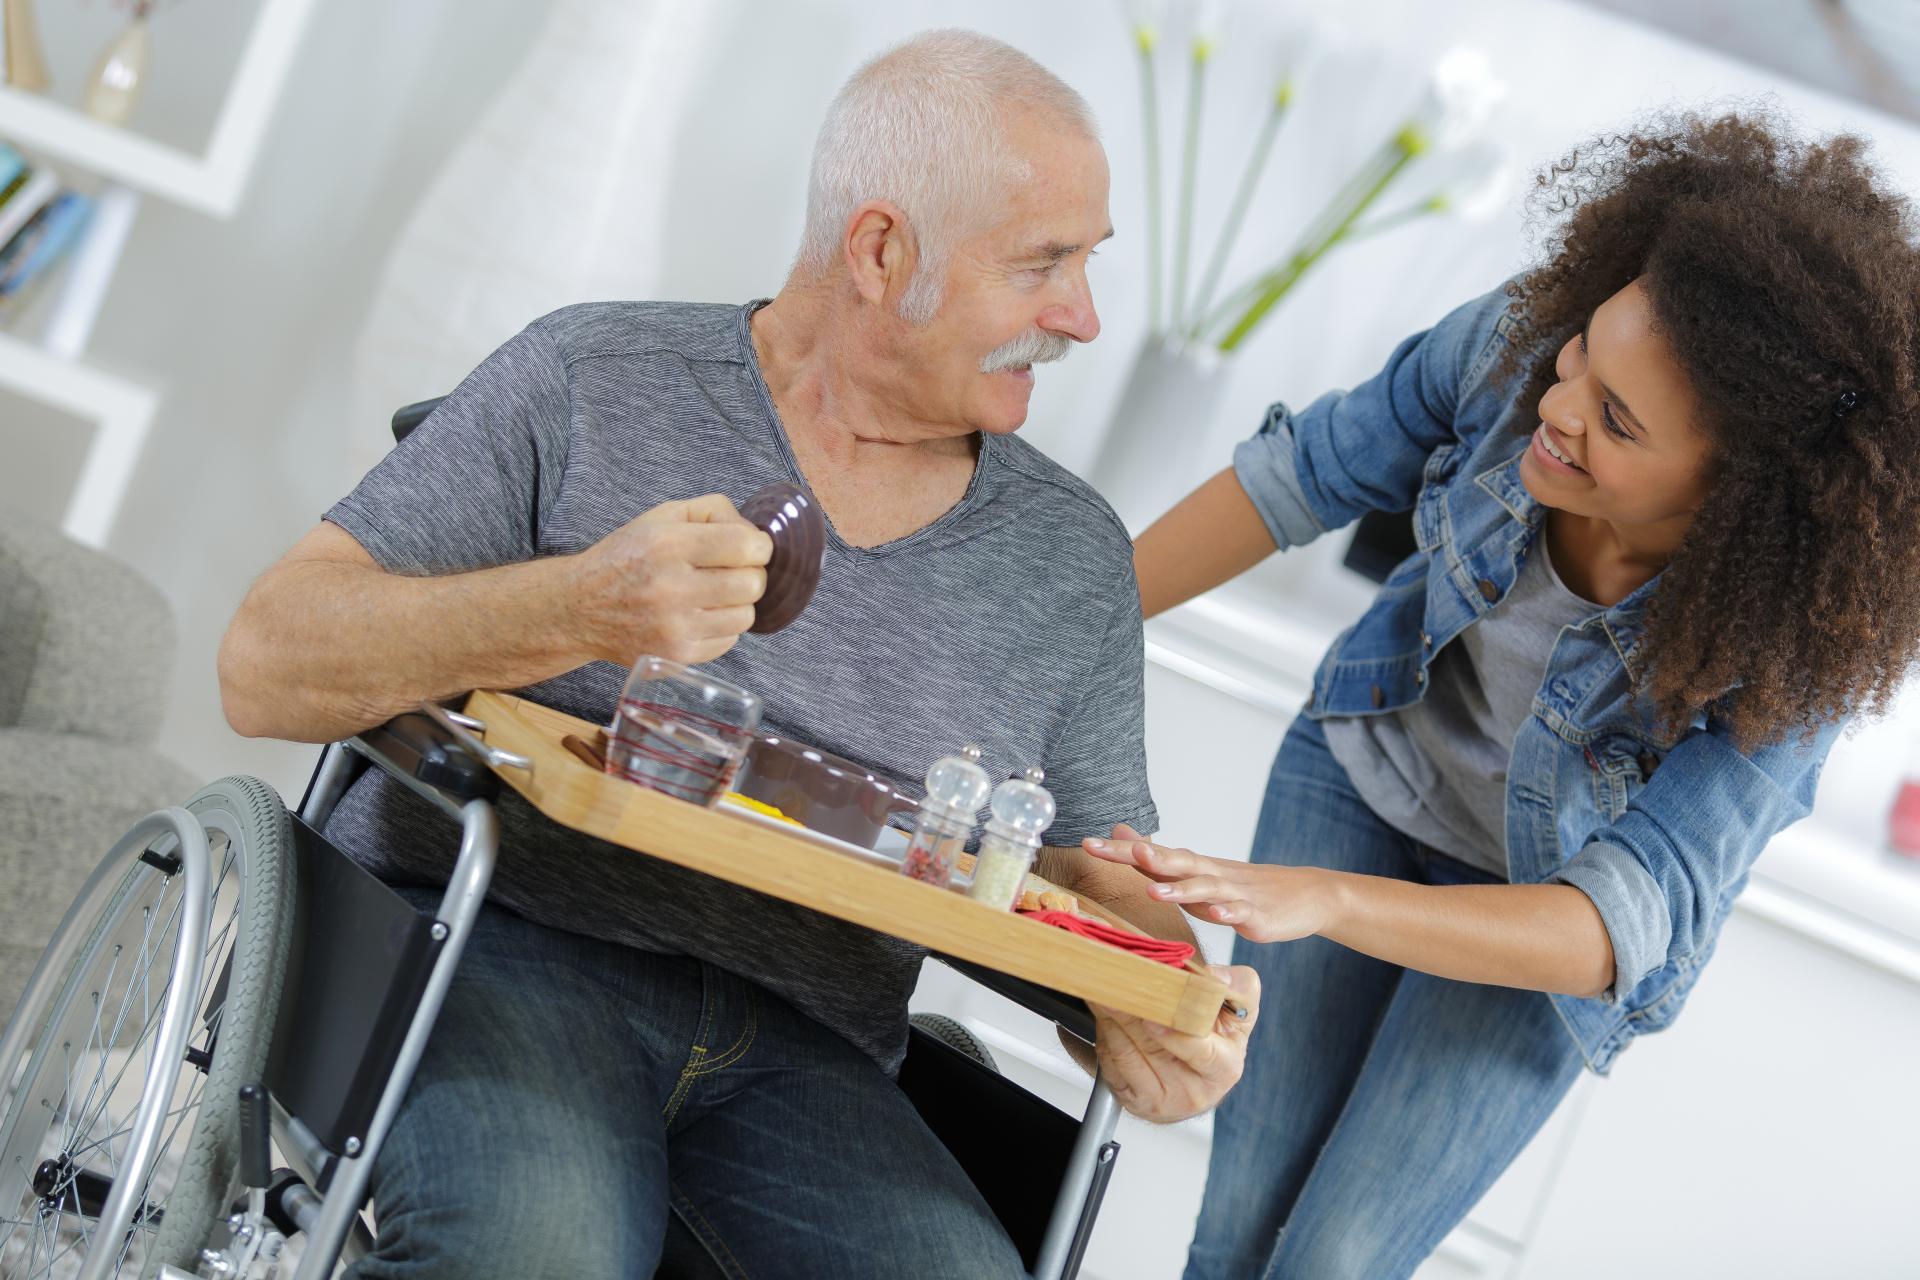 Une jeune femme apporte un repas à un monsieur âgé en fauteuil roulant.